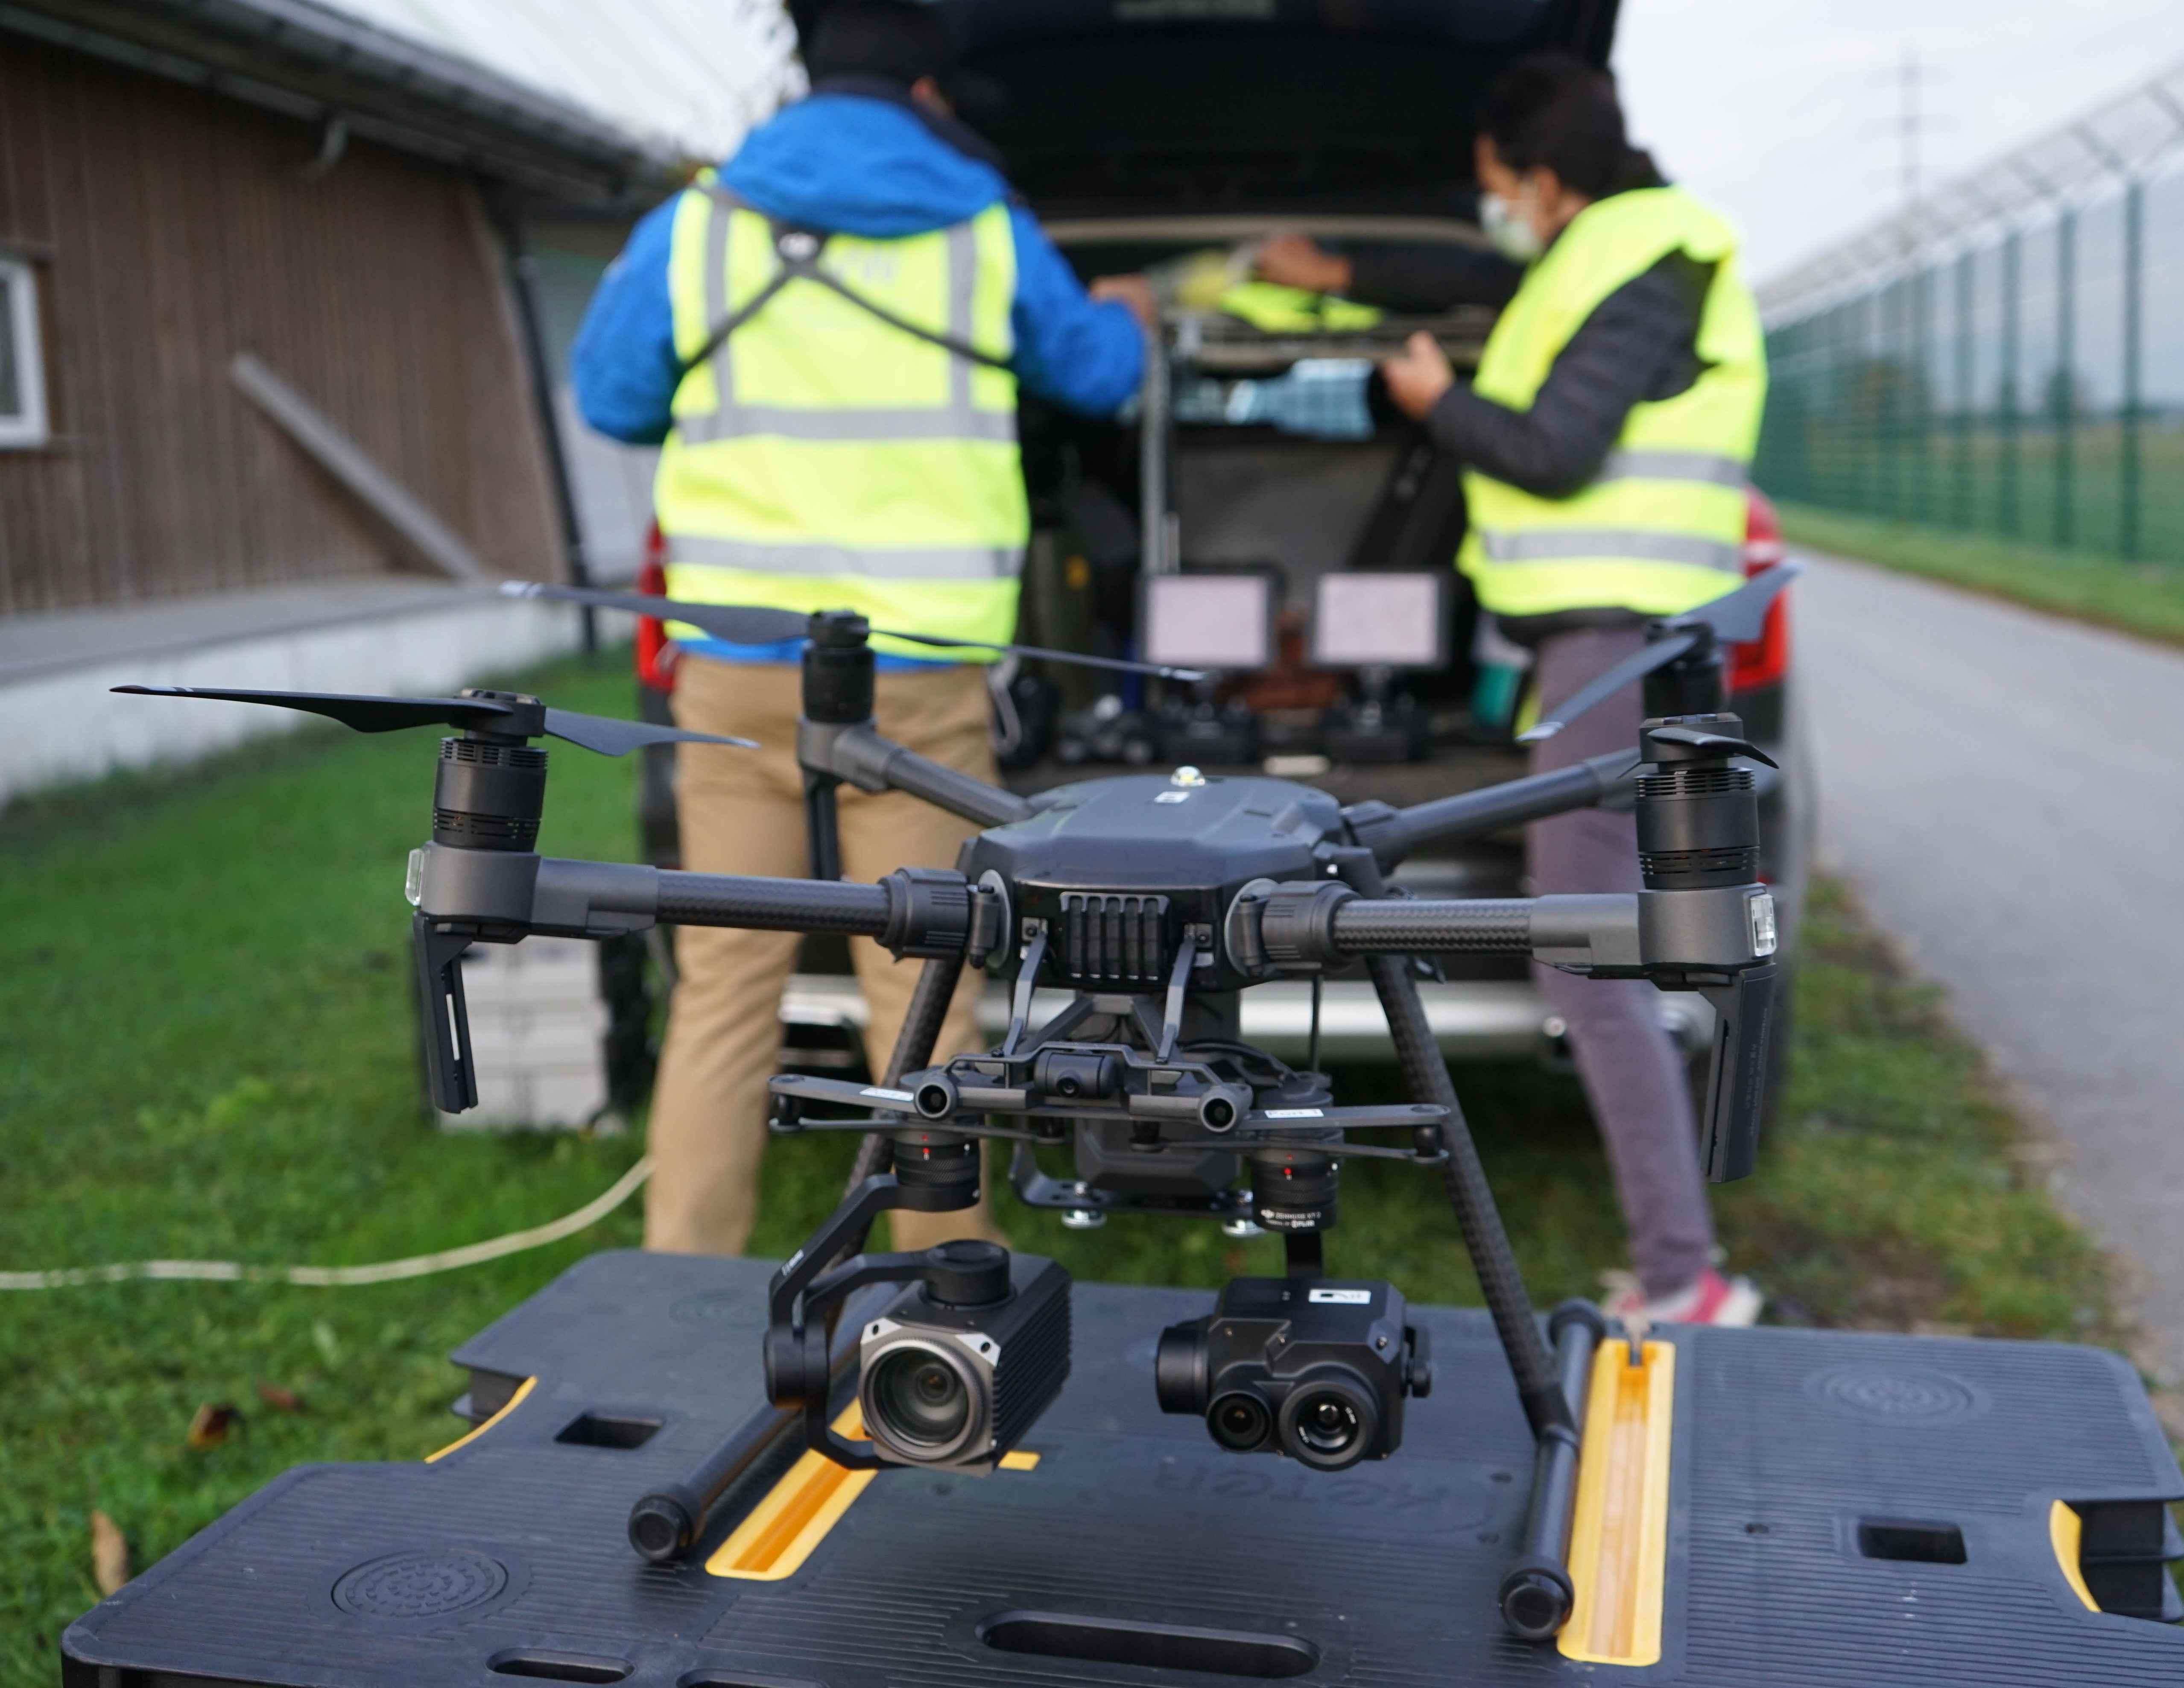 Le drone est notamment équipé d'une caméra thermique